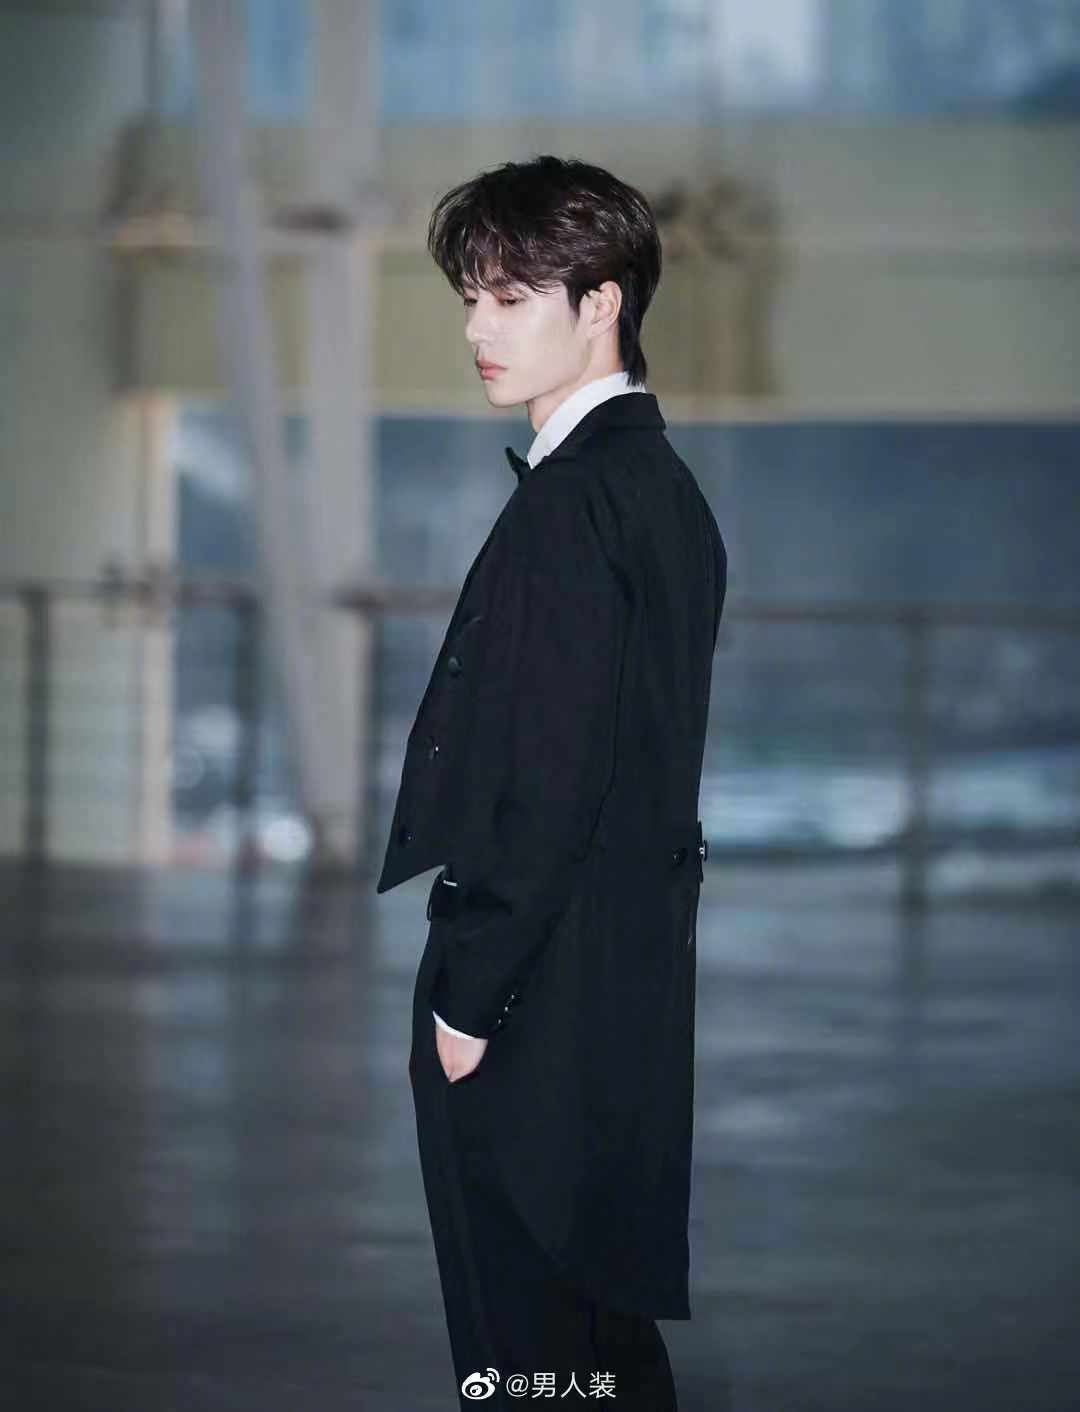 王一博魔术表演造型公开,黑色长燕尾服打着小领结